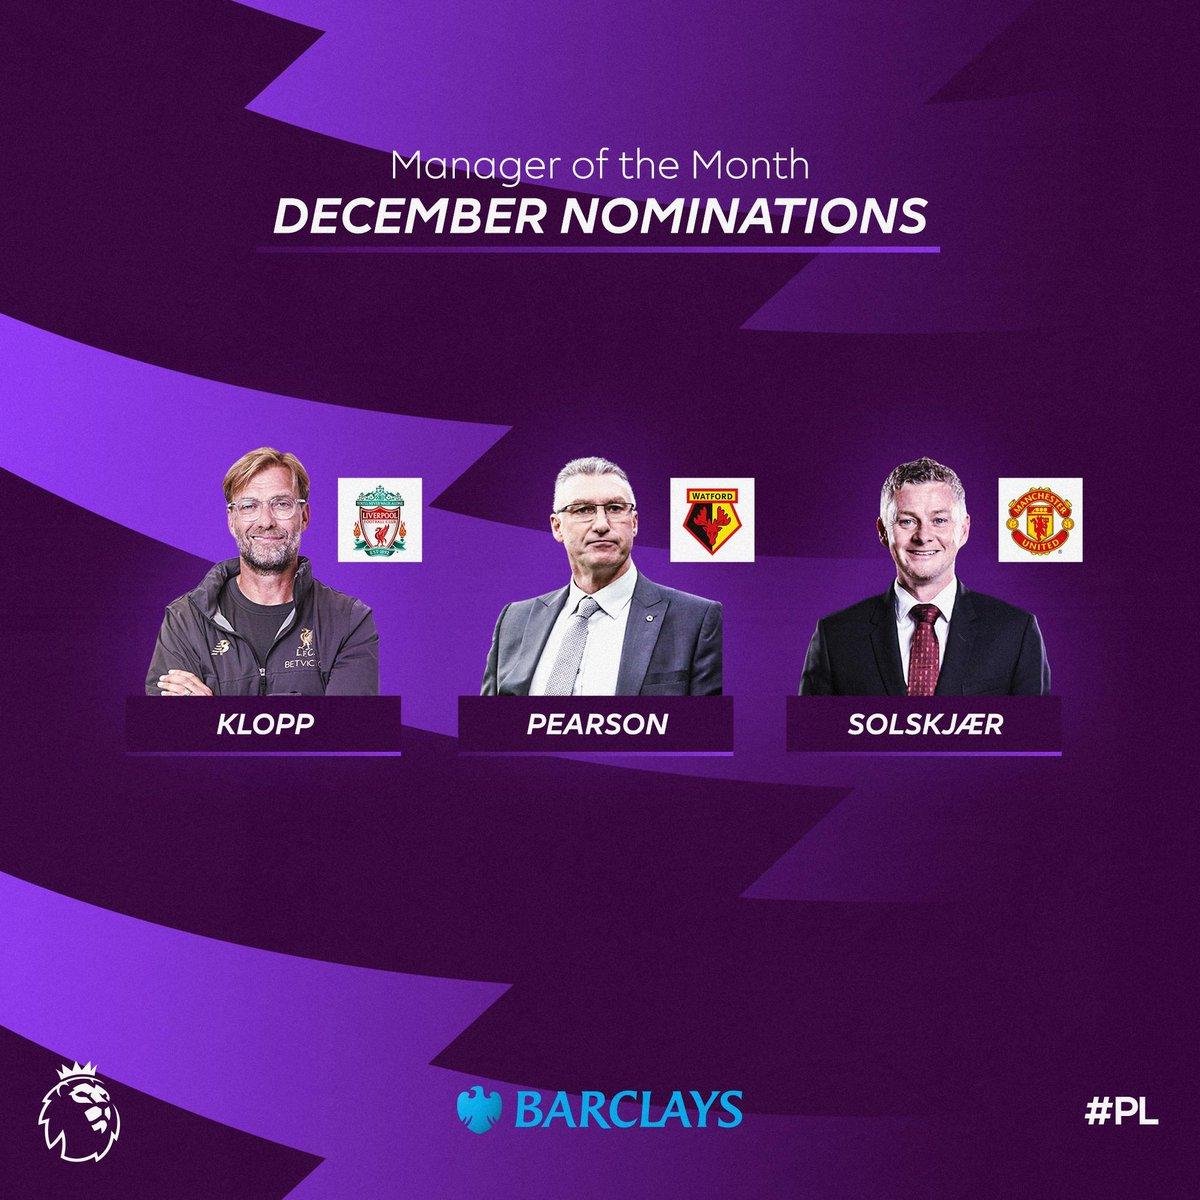 英超12月最佳主帅候选:克洛普、索肖、皮尔森